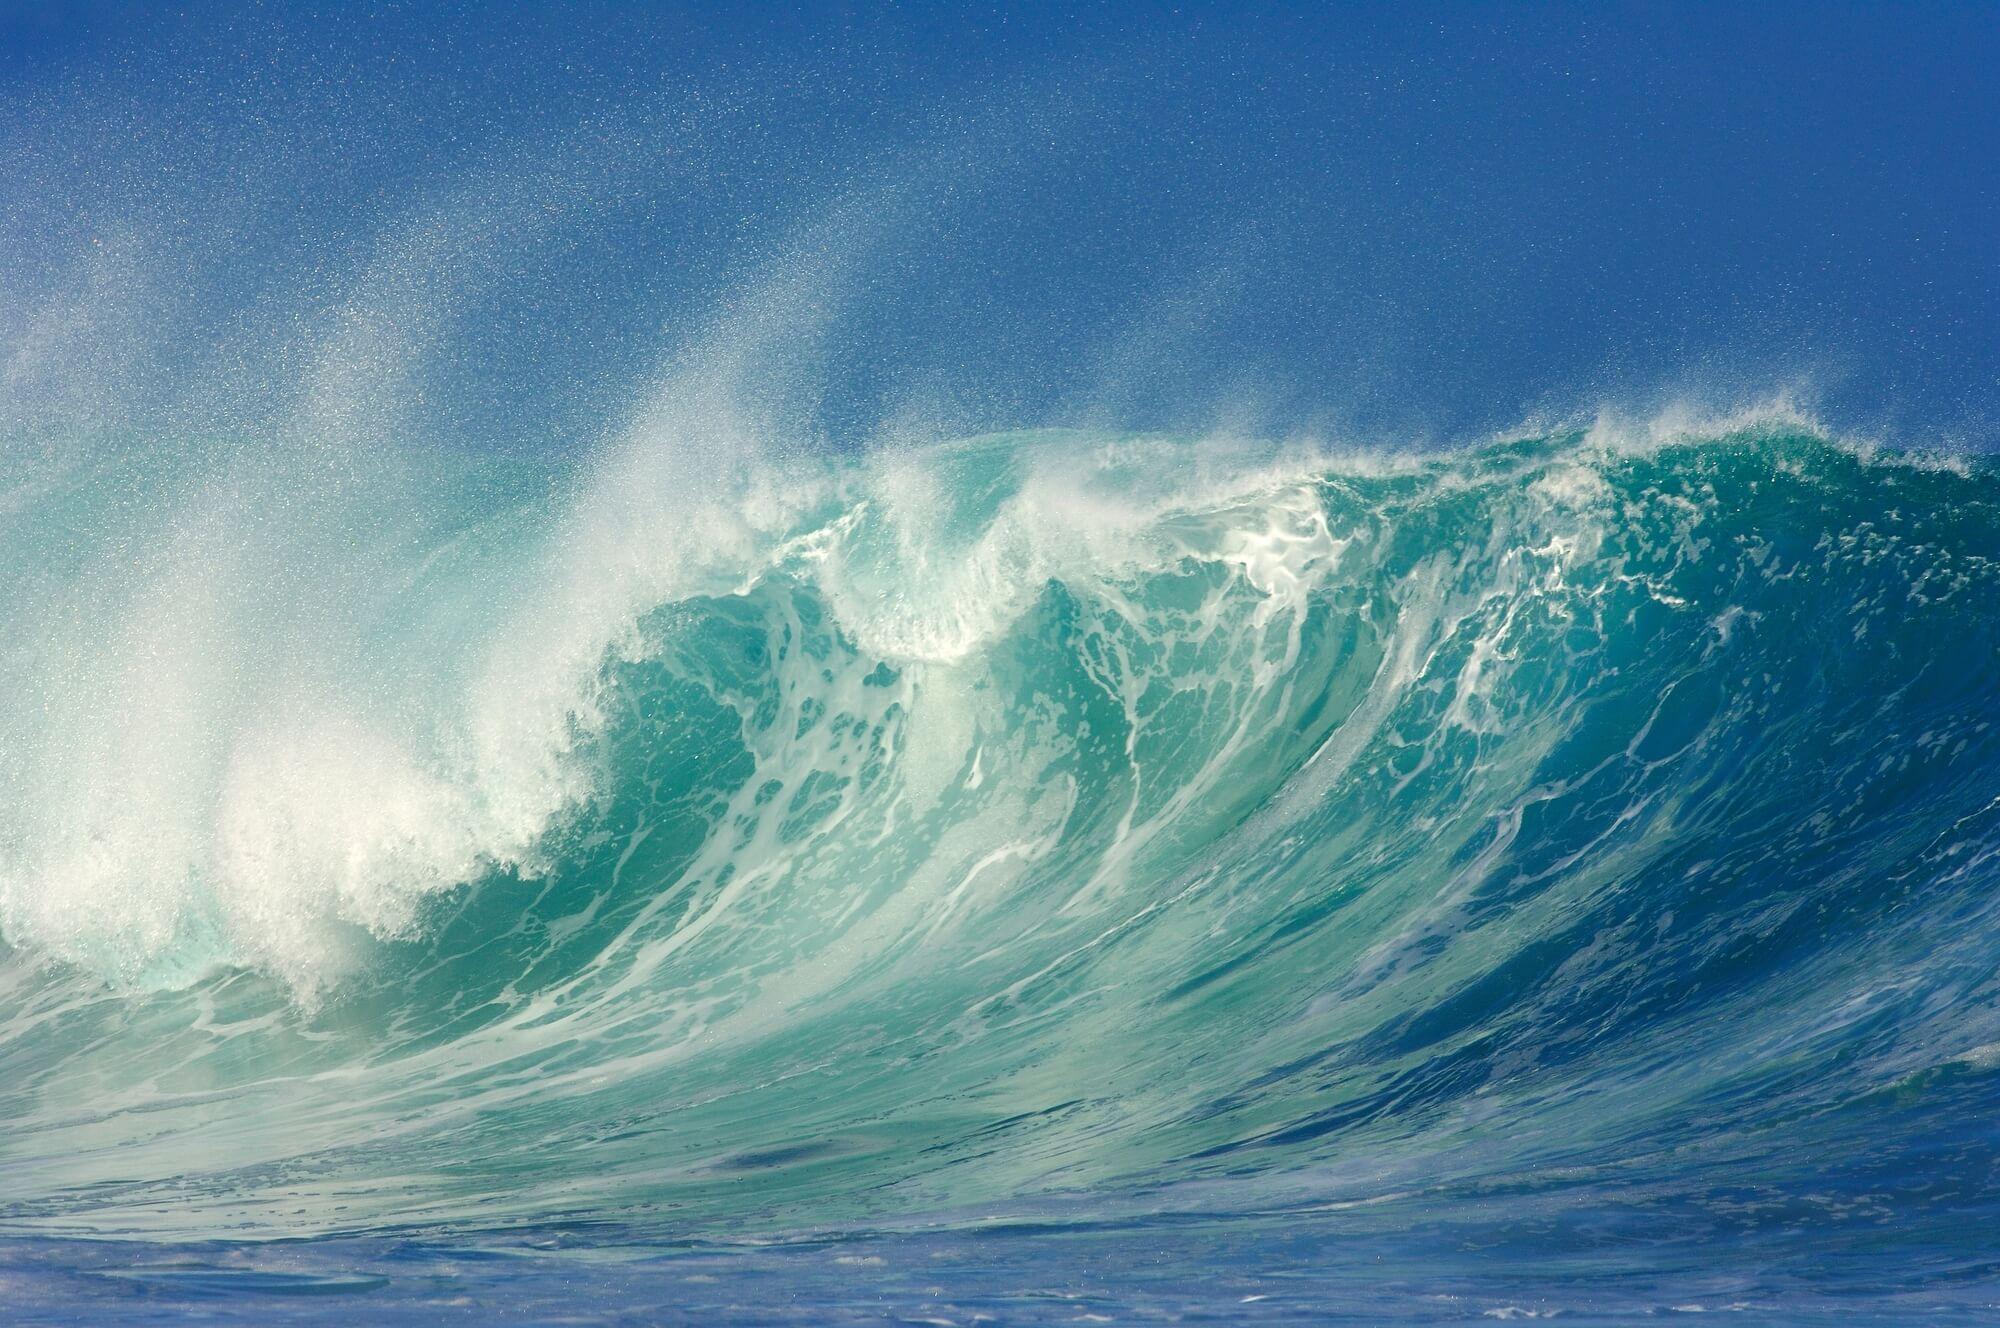 Big waves north shore hawaii wall mural big waves north shore big waves north shore hawaii wall mural photo wallpaper amipublicfo Image collections